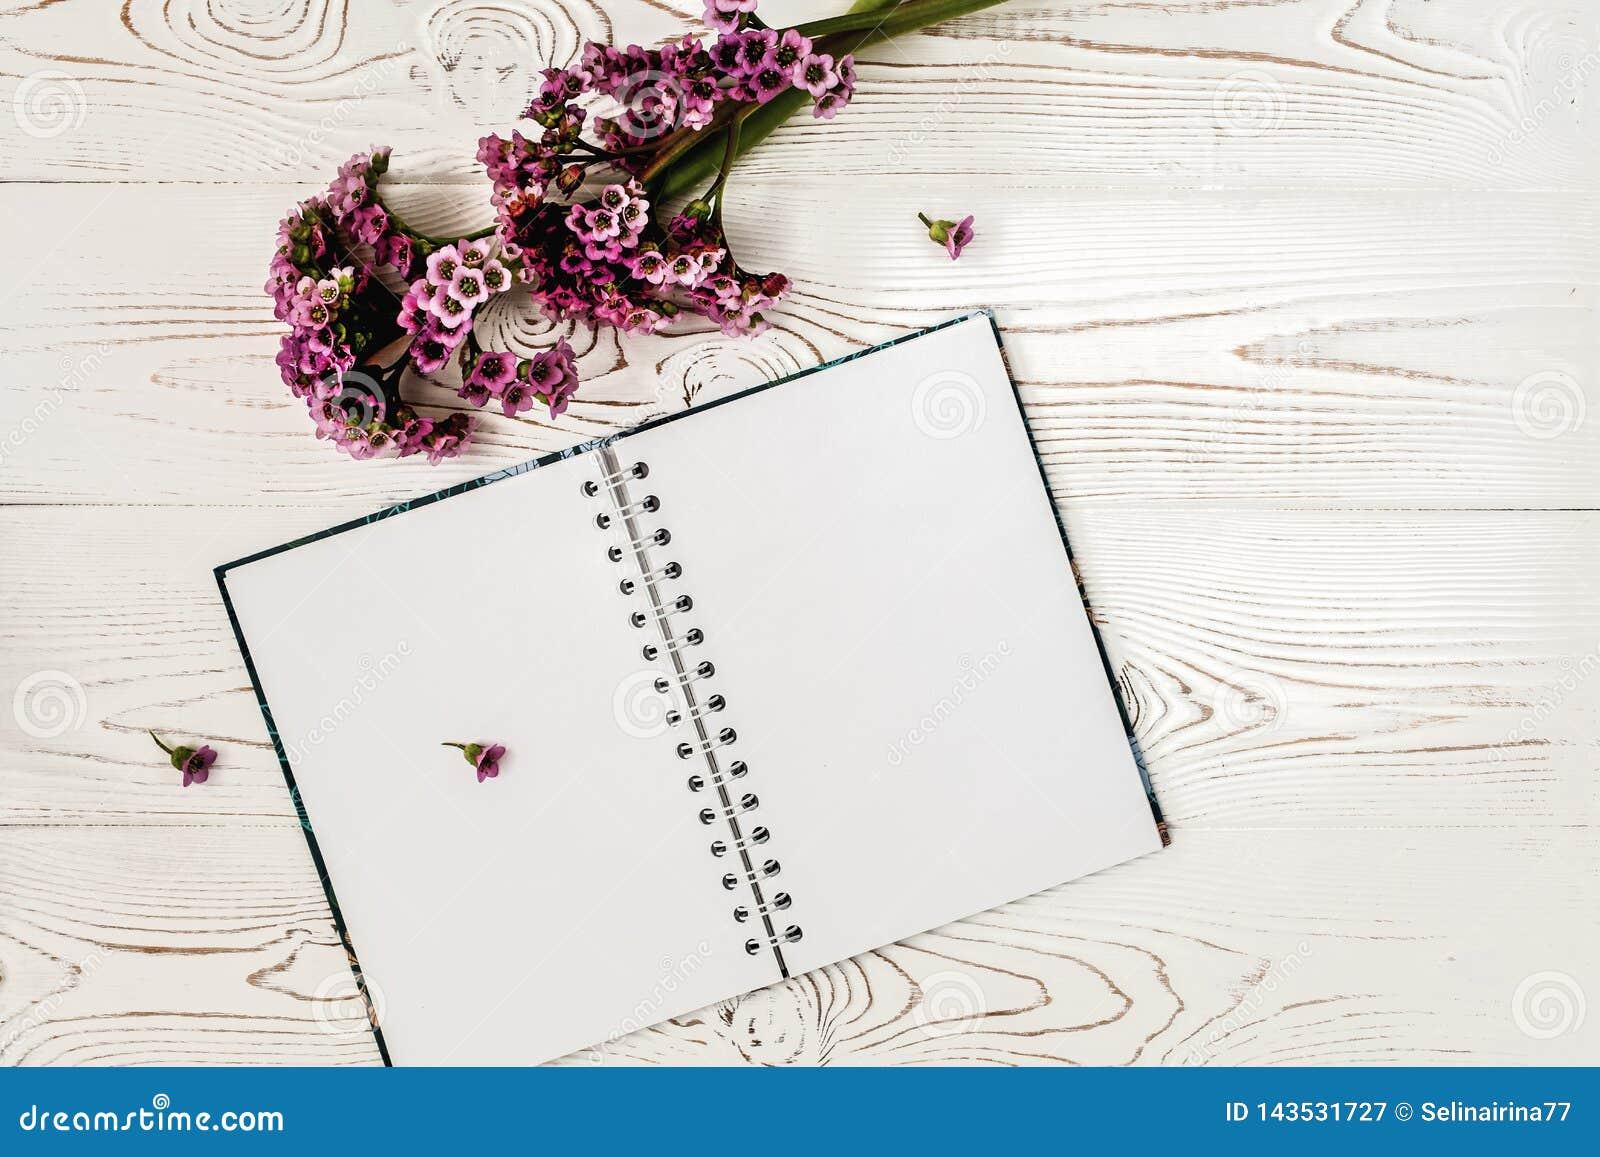 Vista superior del diario o cuaderno en blanco y flor púrpura en la tabla de madera blanca Dise?o plano